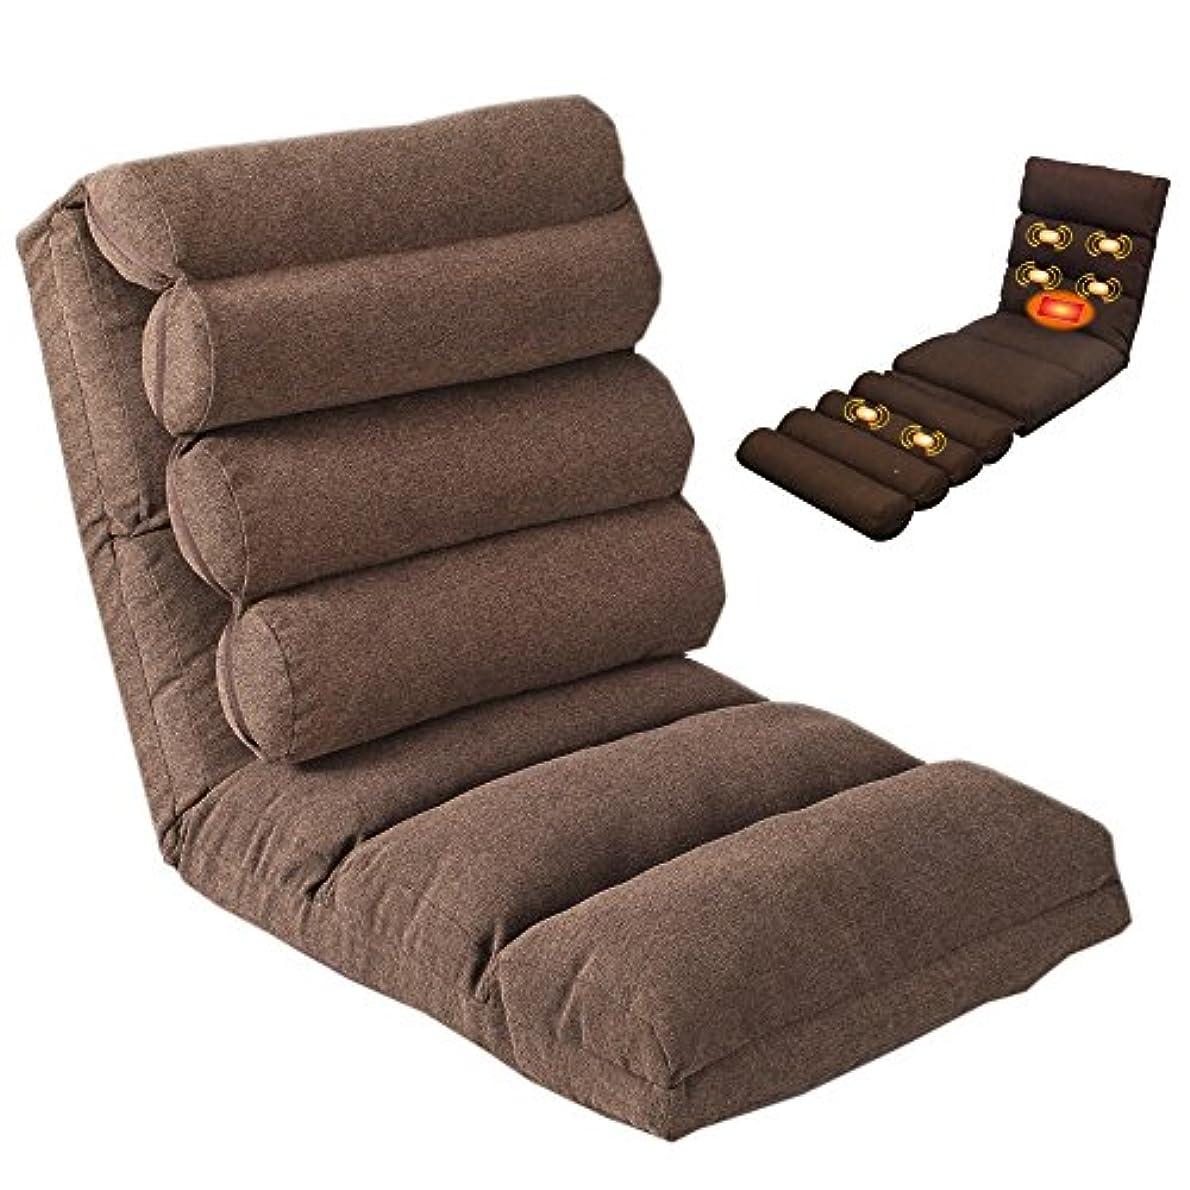 ペレット一握り汚物6パターン リクライニング あったかブルブル座椅子 家庭用電気マッサージ器 振動マッサージチェア (ヒーター&マッサージ付) LAP-Z880